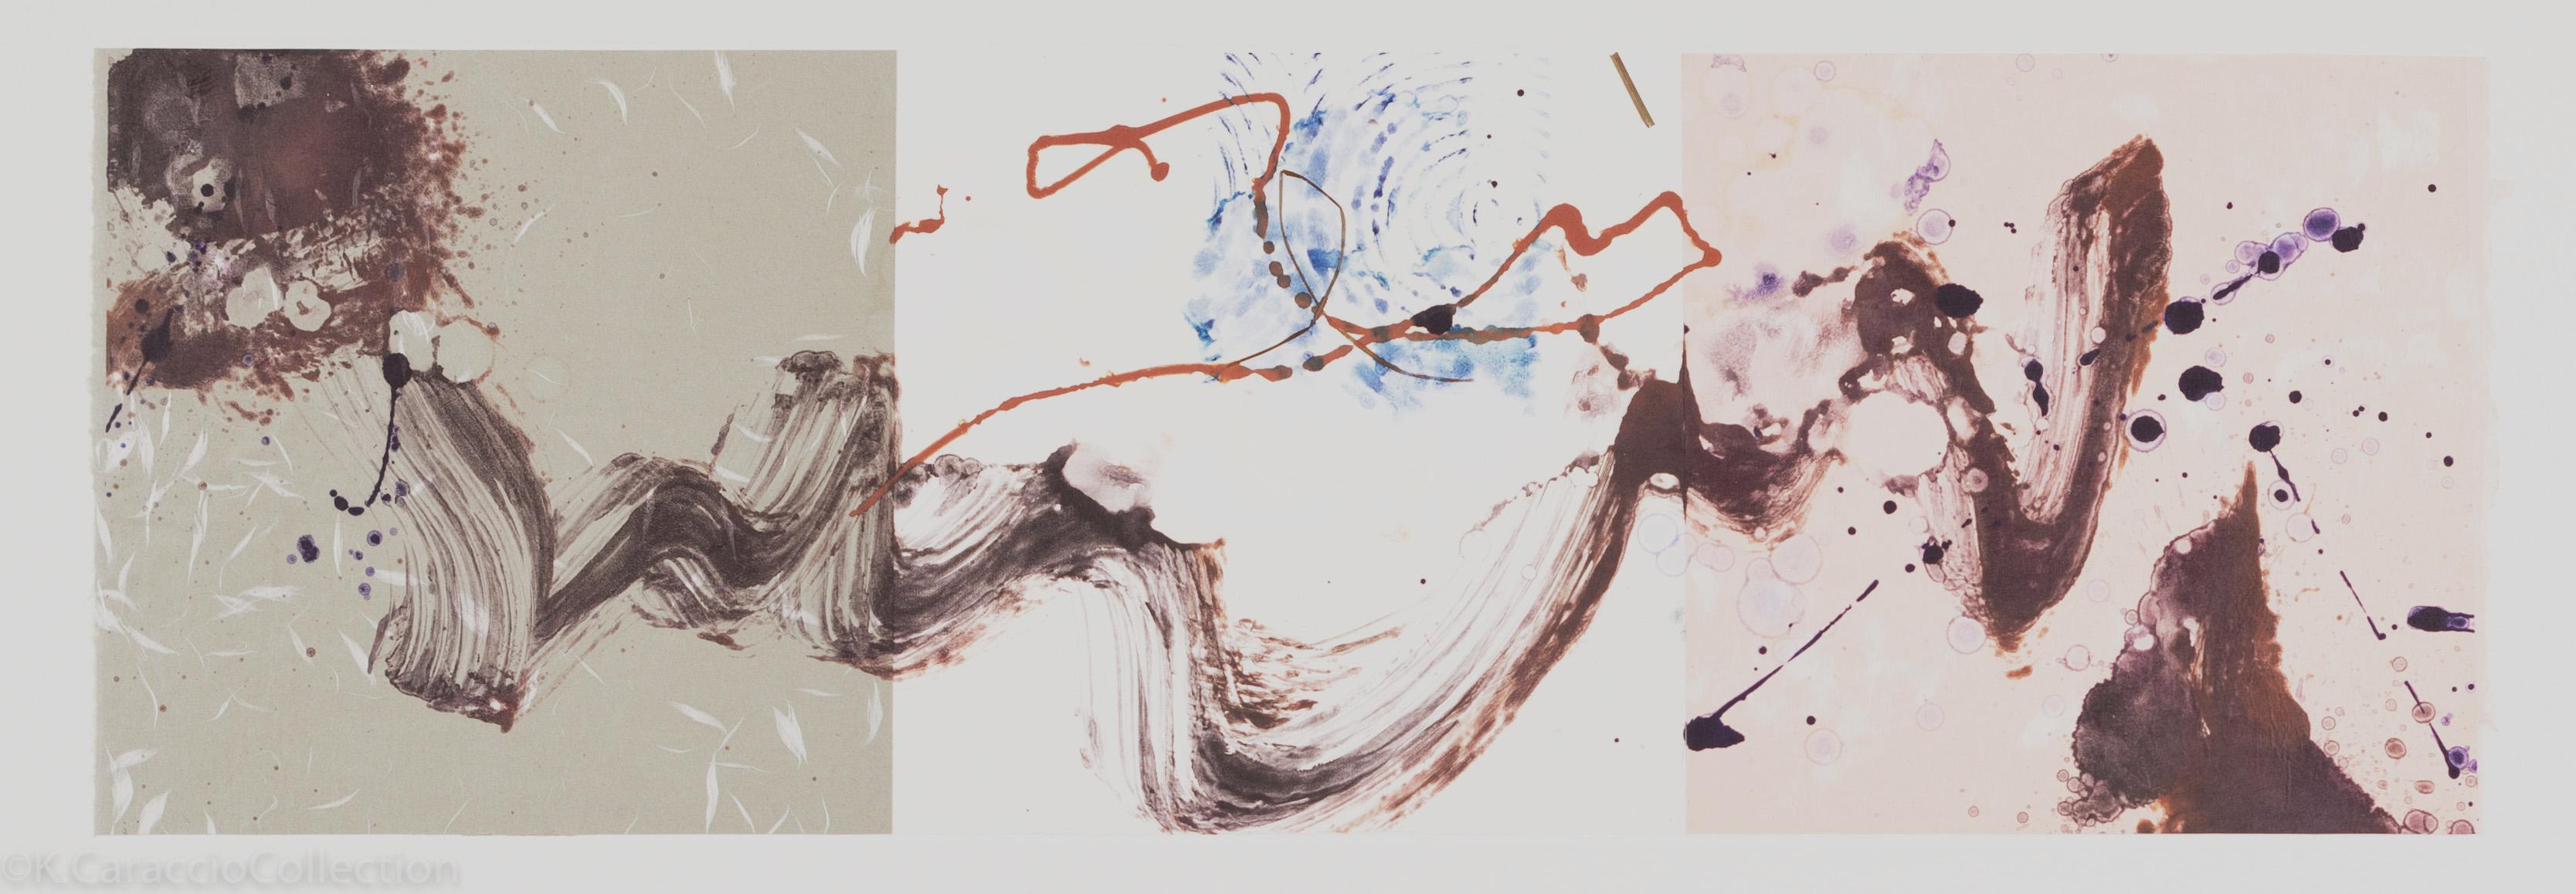 Mistral 14, 1995